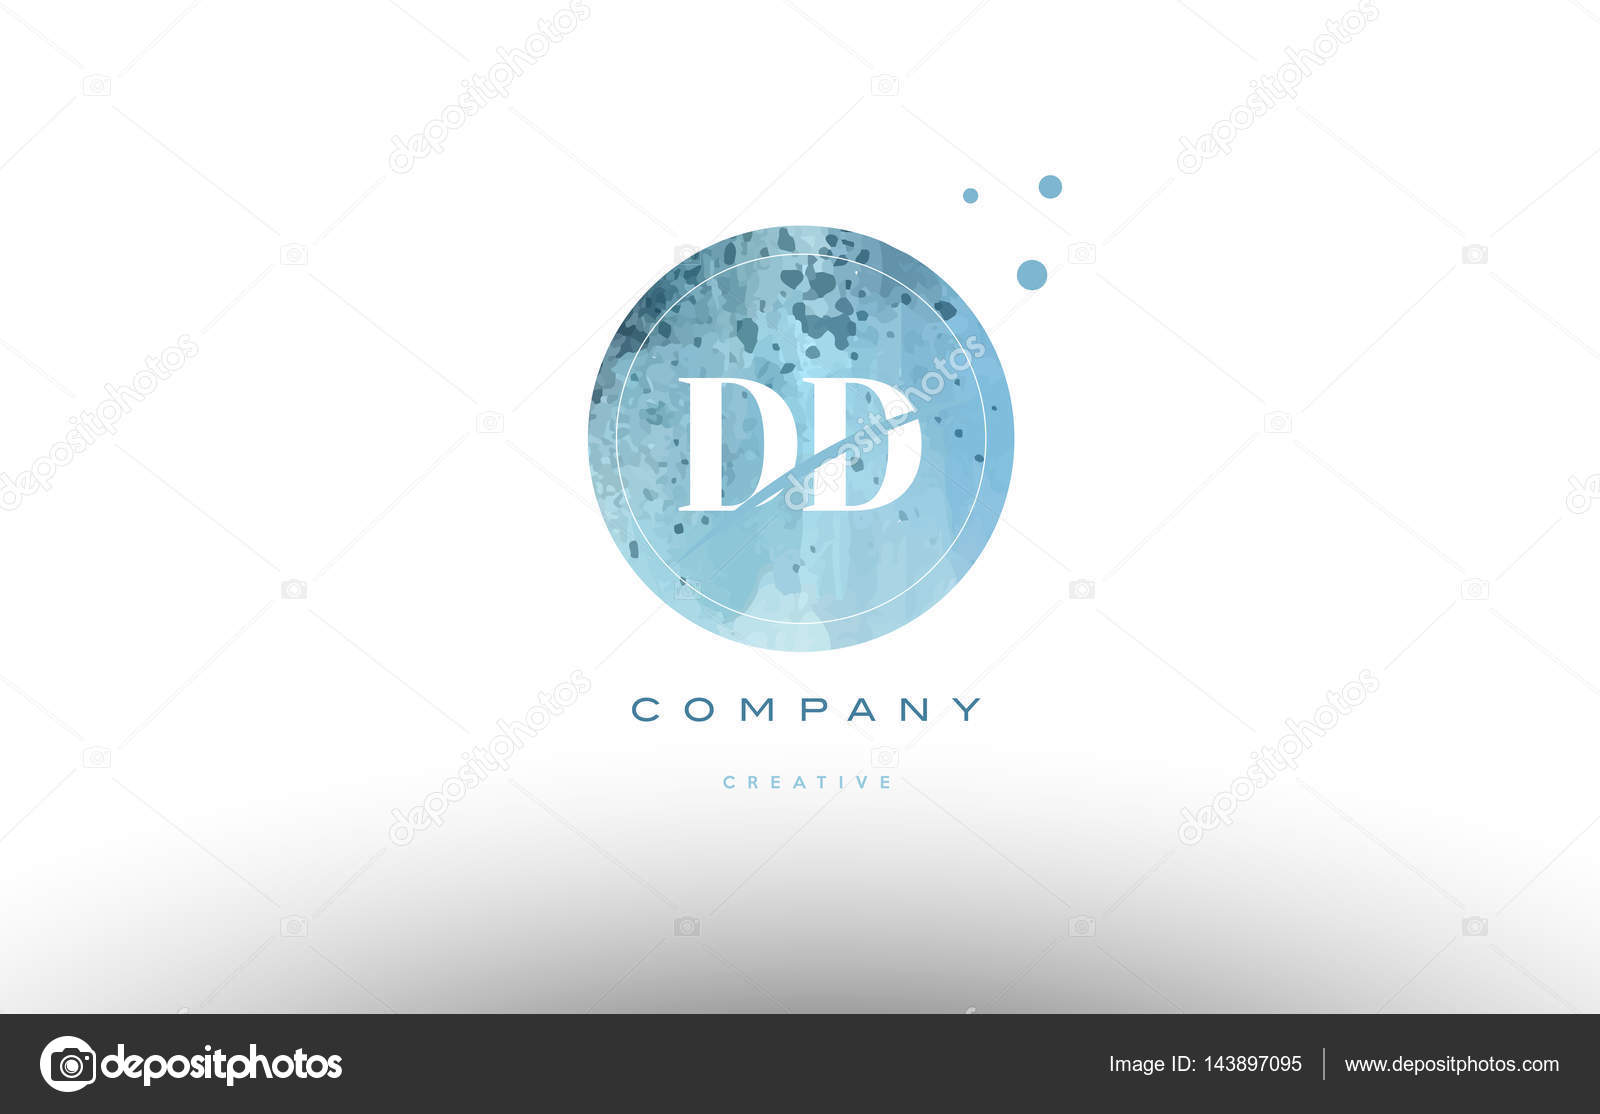 ca98dd343 DD d d aquarela grunge vintage alfabeto empresa carta combinação logotipo  círculo vetorial ícone modelo de design — Vetor de ...